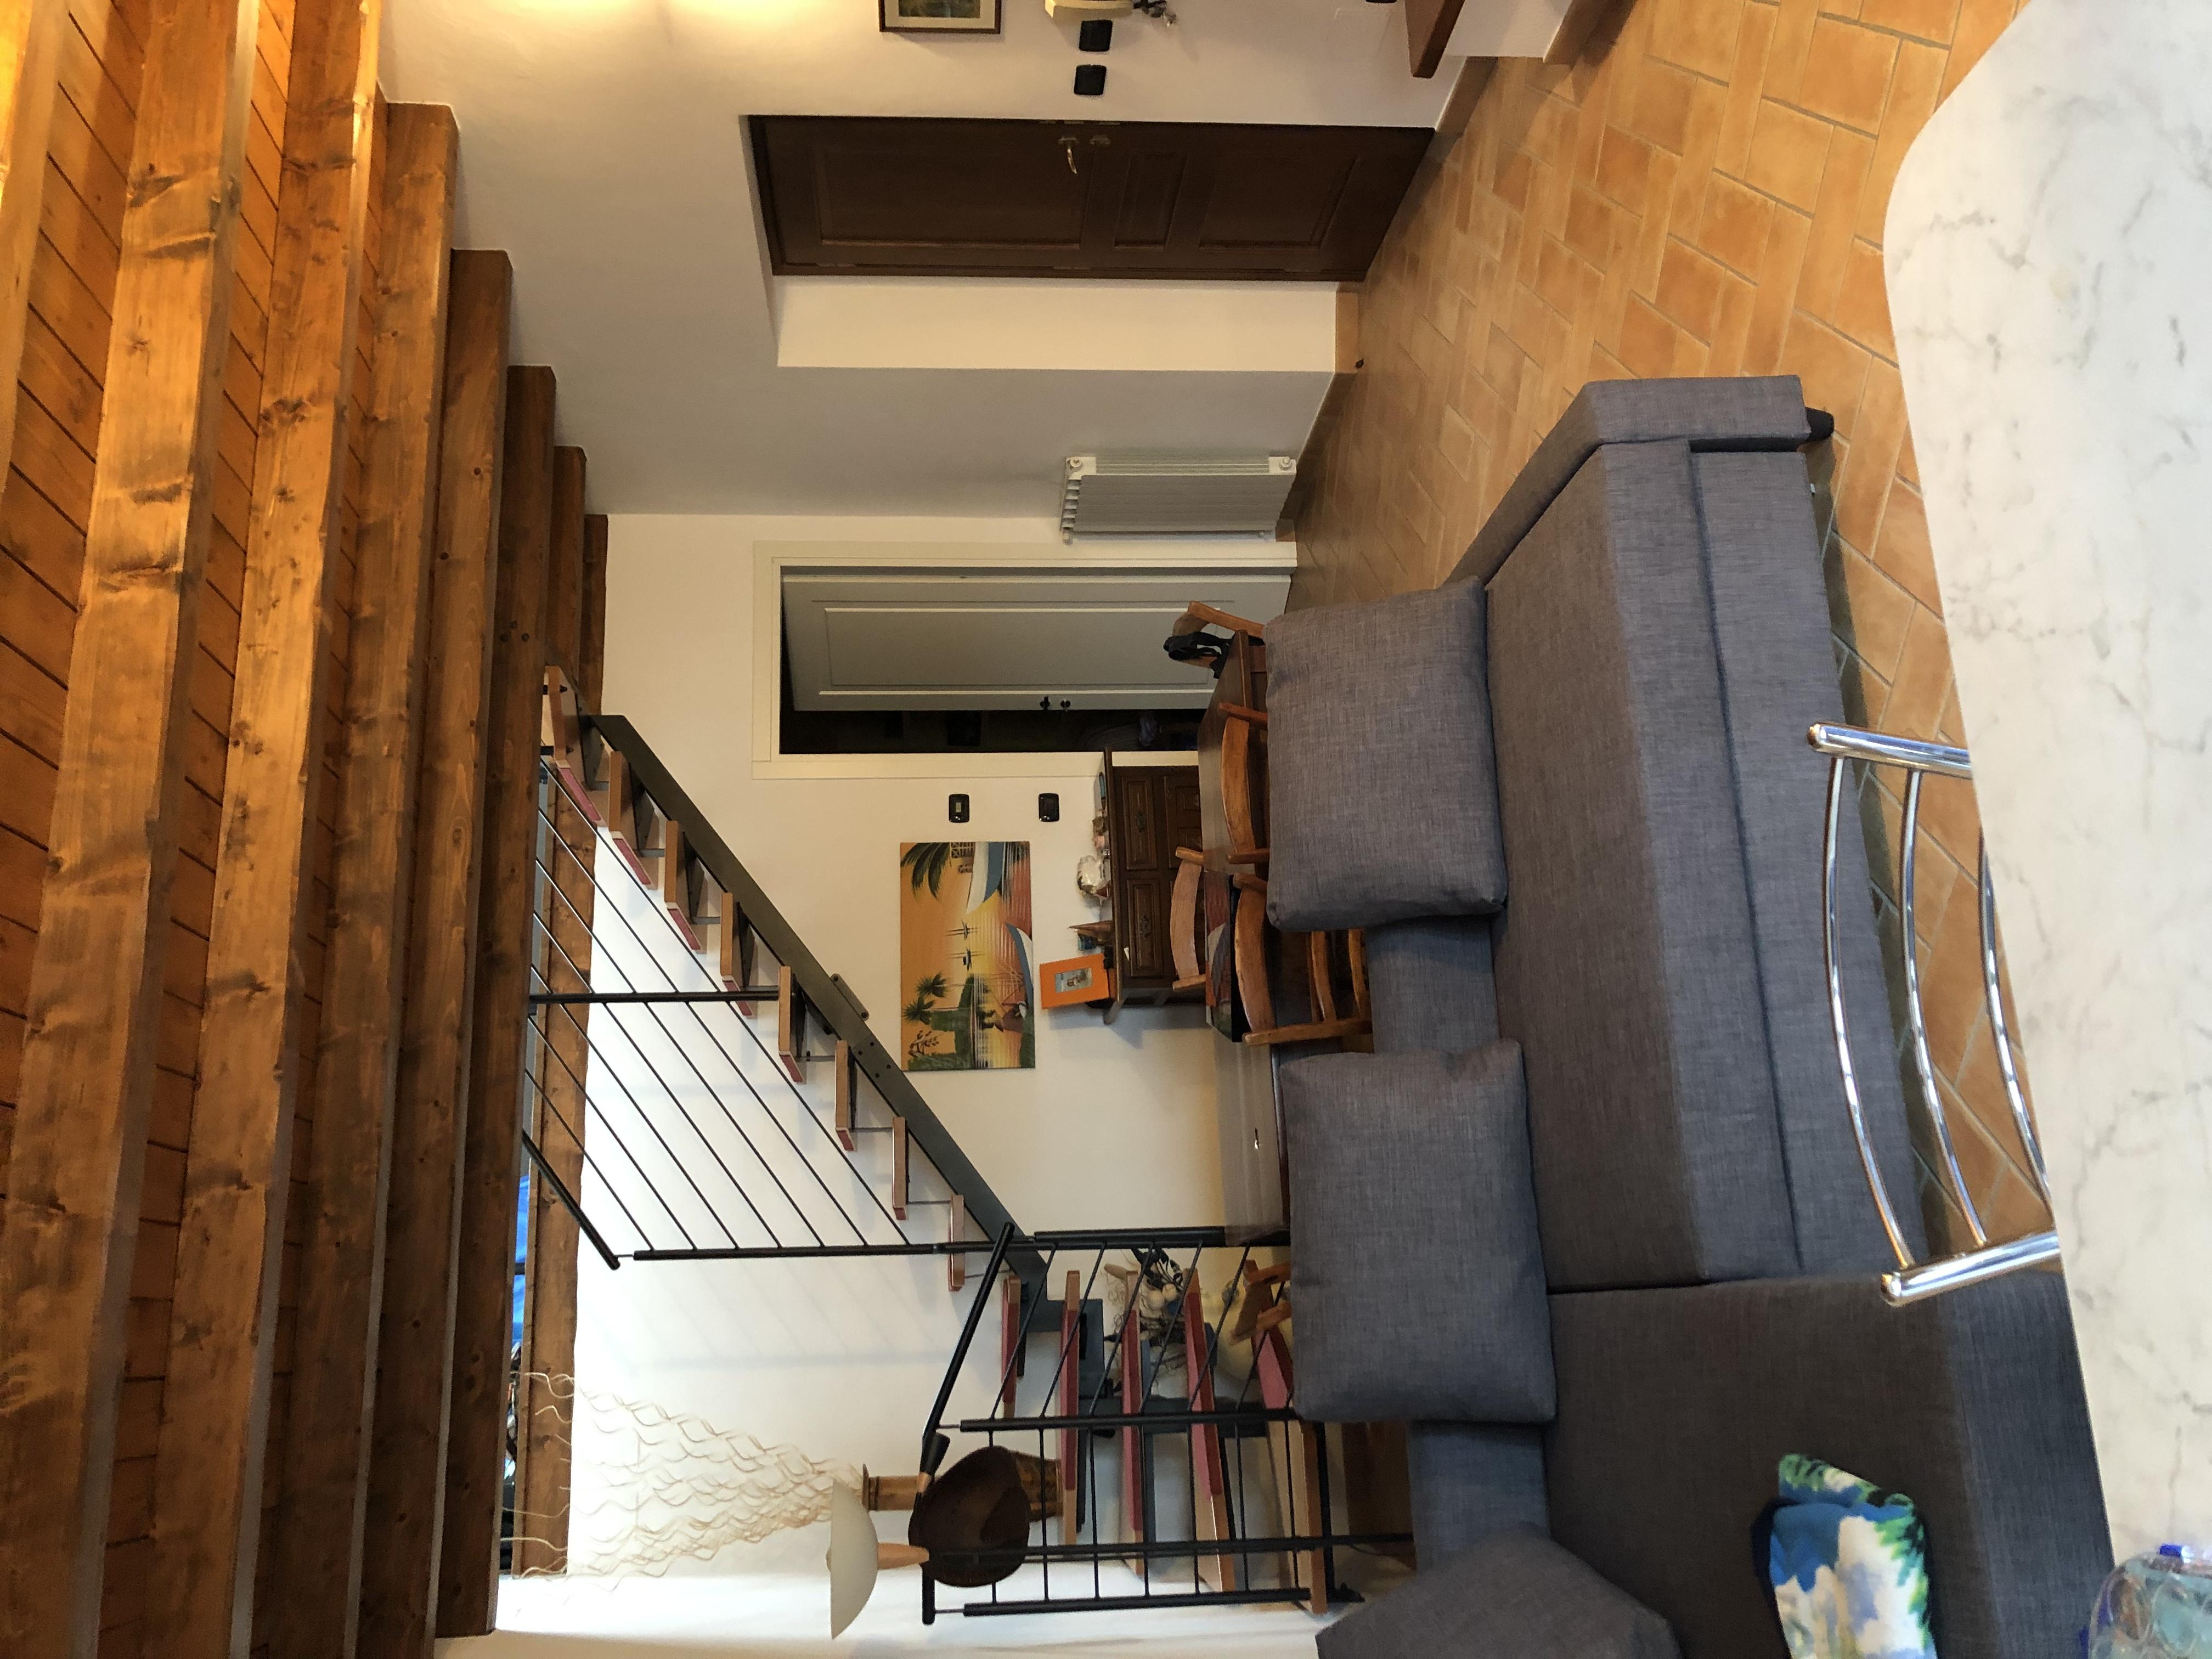 Piccoli Soppalchi In Legno emma's home - apartments for rent in lama mocogno, emilia